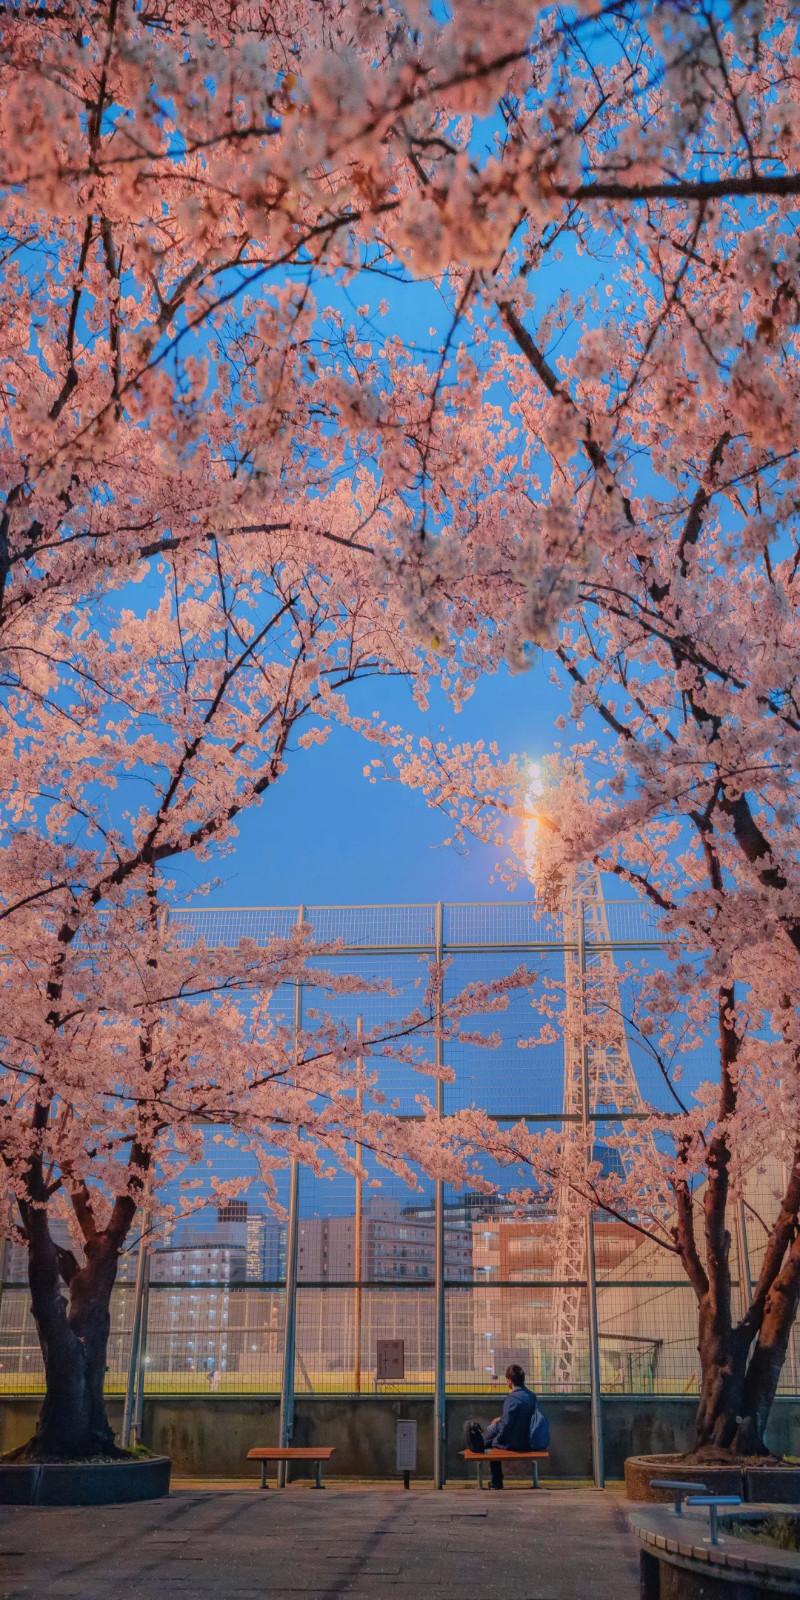 好看的壁纸图片|唯美好看的粉色花卉